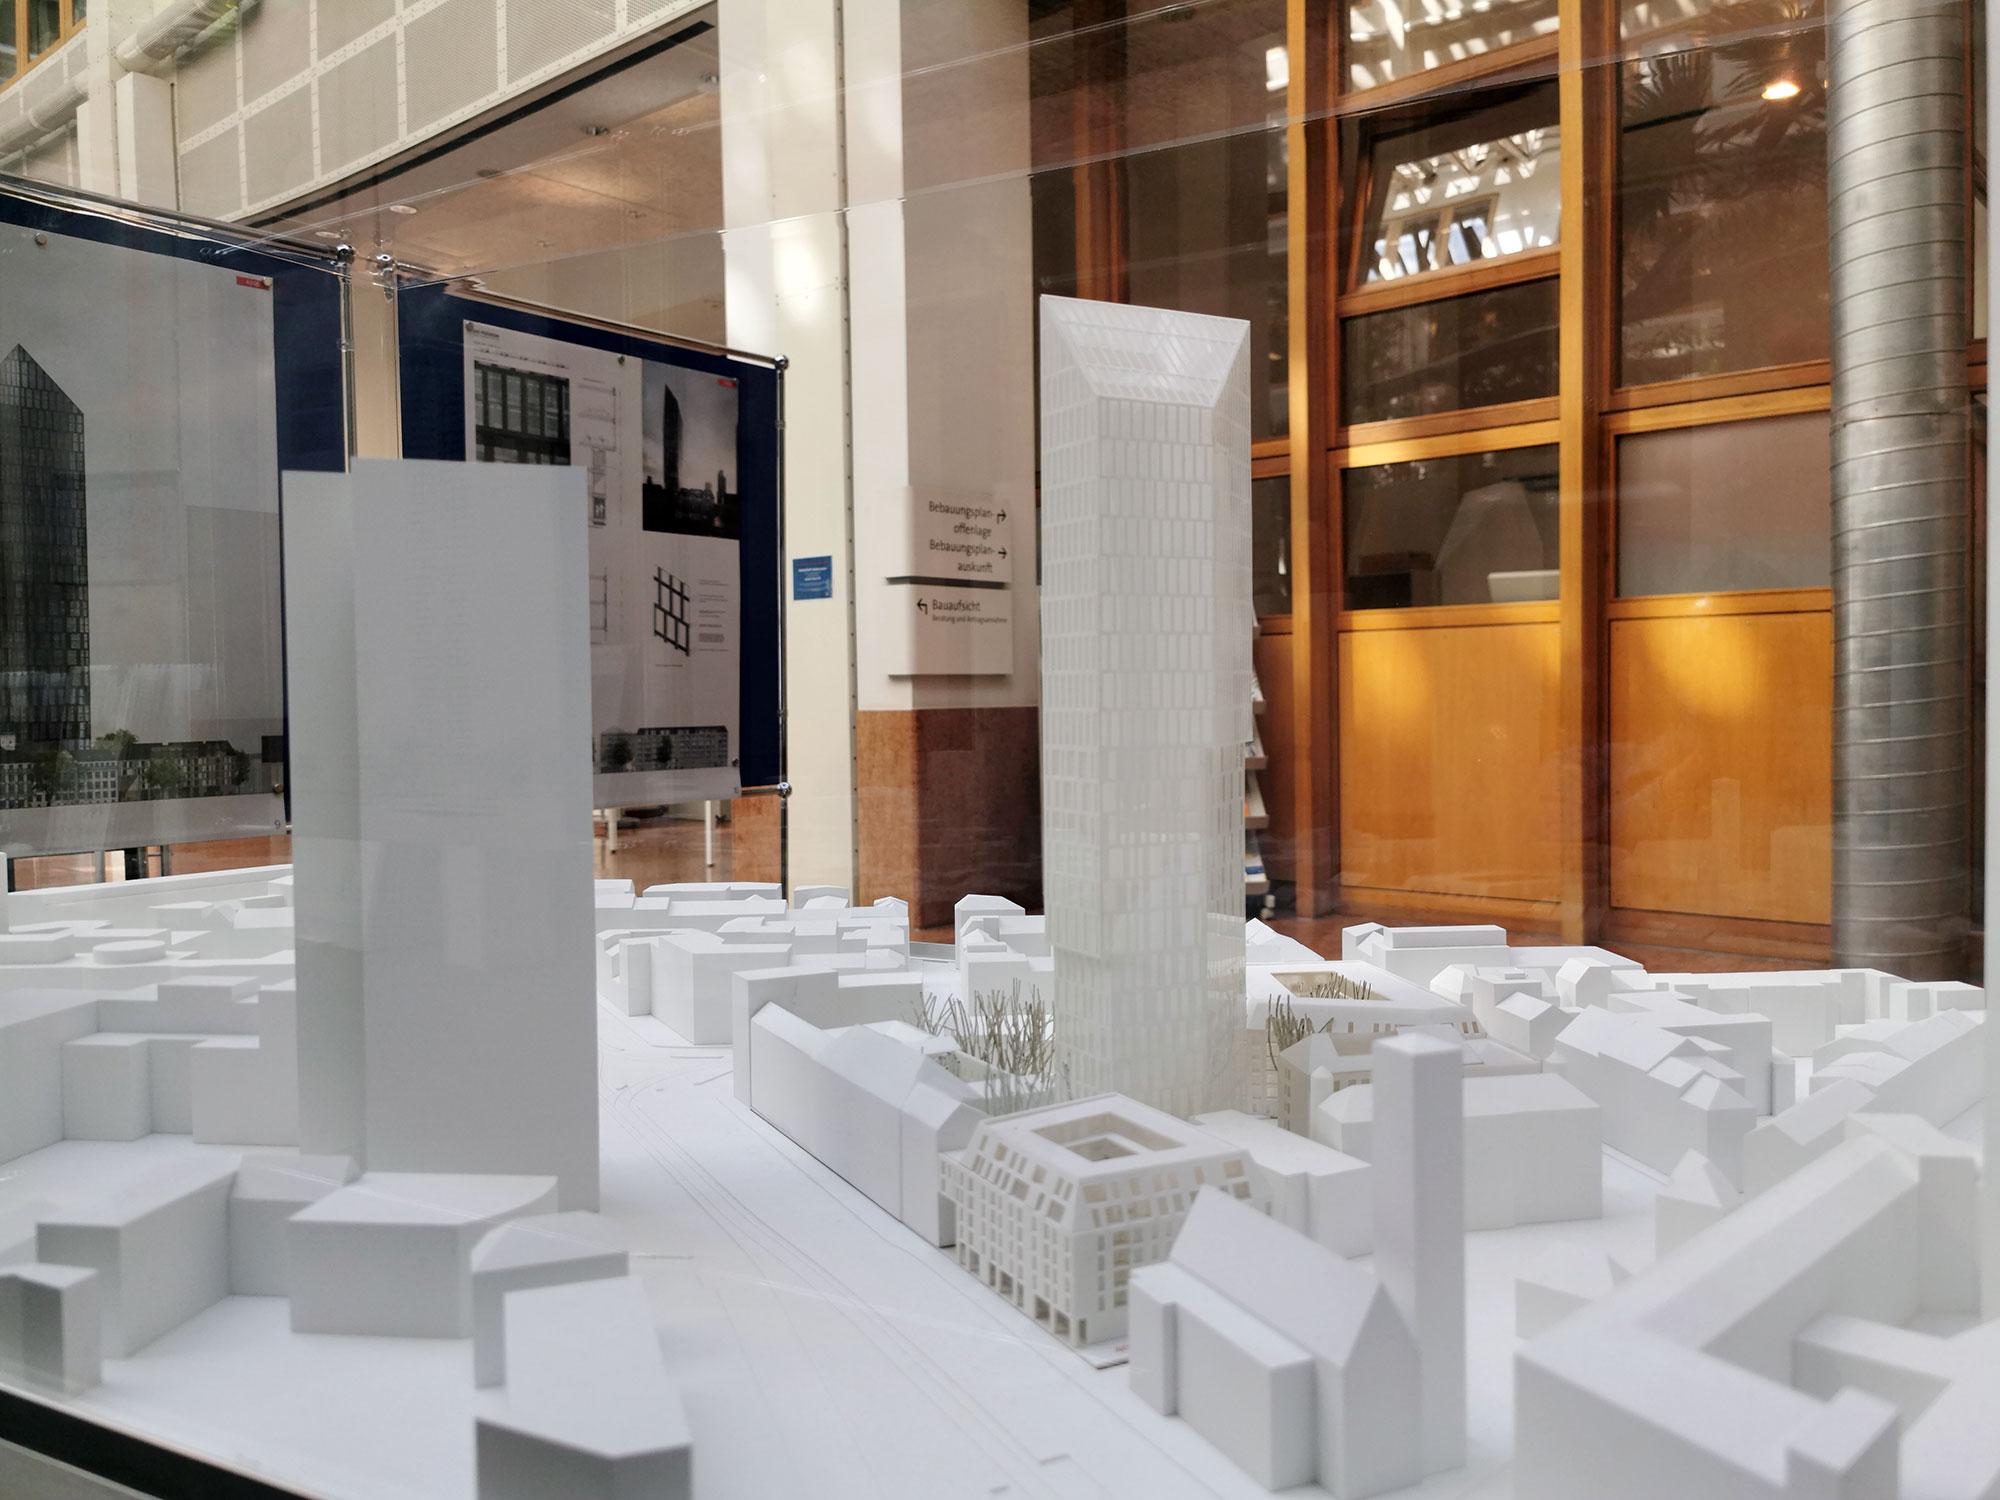 Hochhaus Prisma - Kristall am Präsidium - Hochhausmodell der geplanten Bebauung - altes Polizeipräsidium - Das Präsidium - Projektentwickler Gerch Group